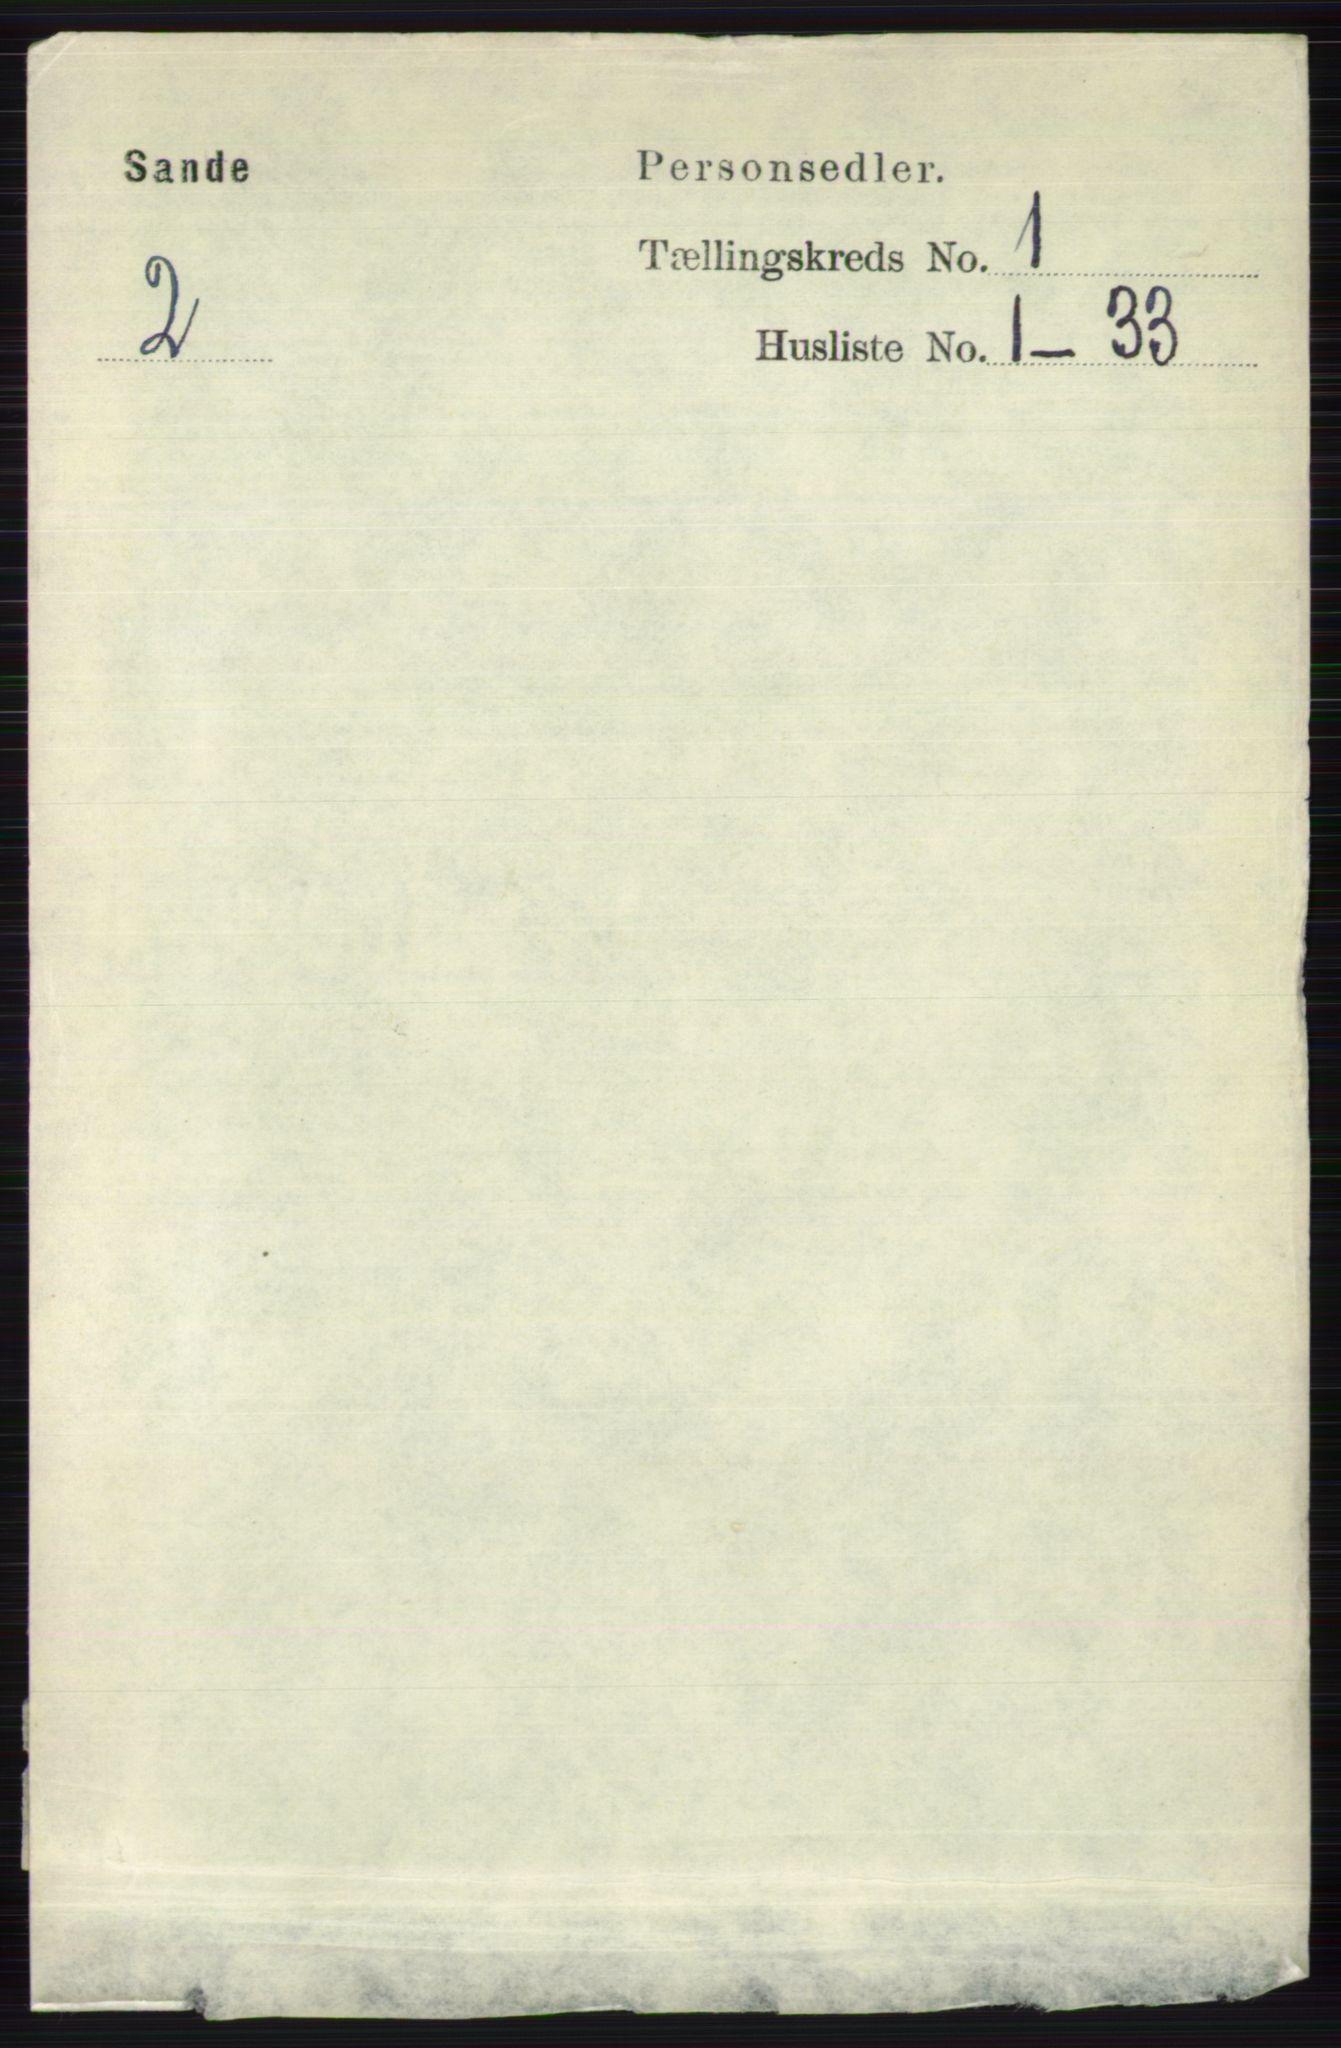 RA, Folketelling 1891 for 0713 Sande herred, 1891, s. 92